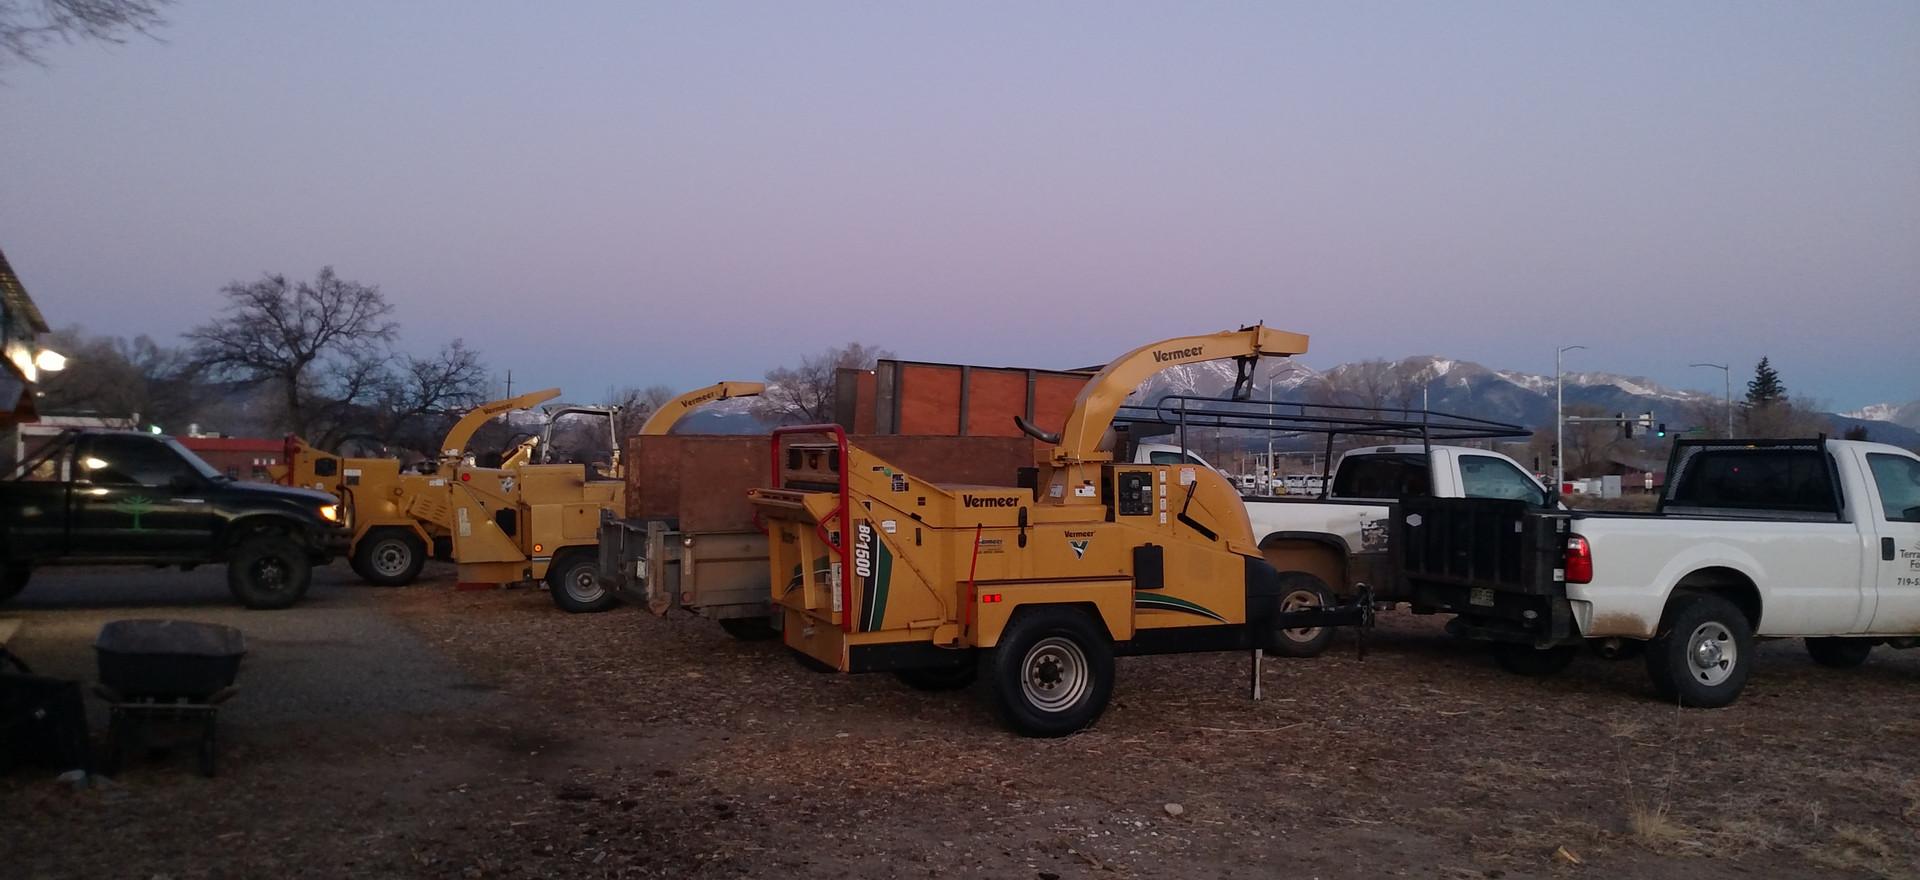 Trucks and Equipment